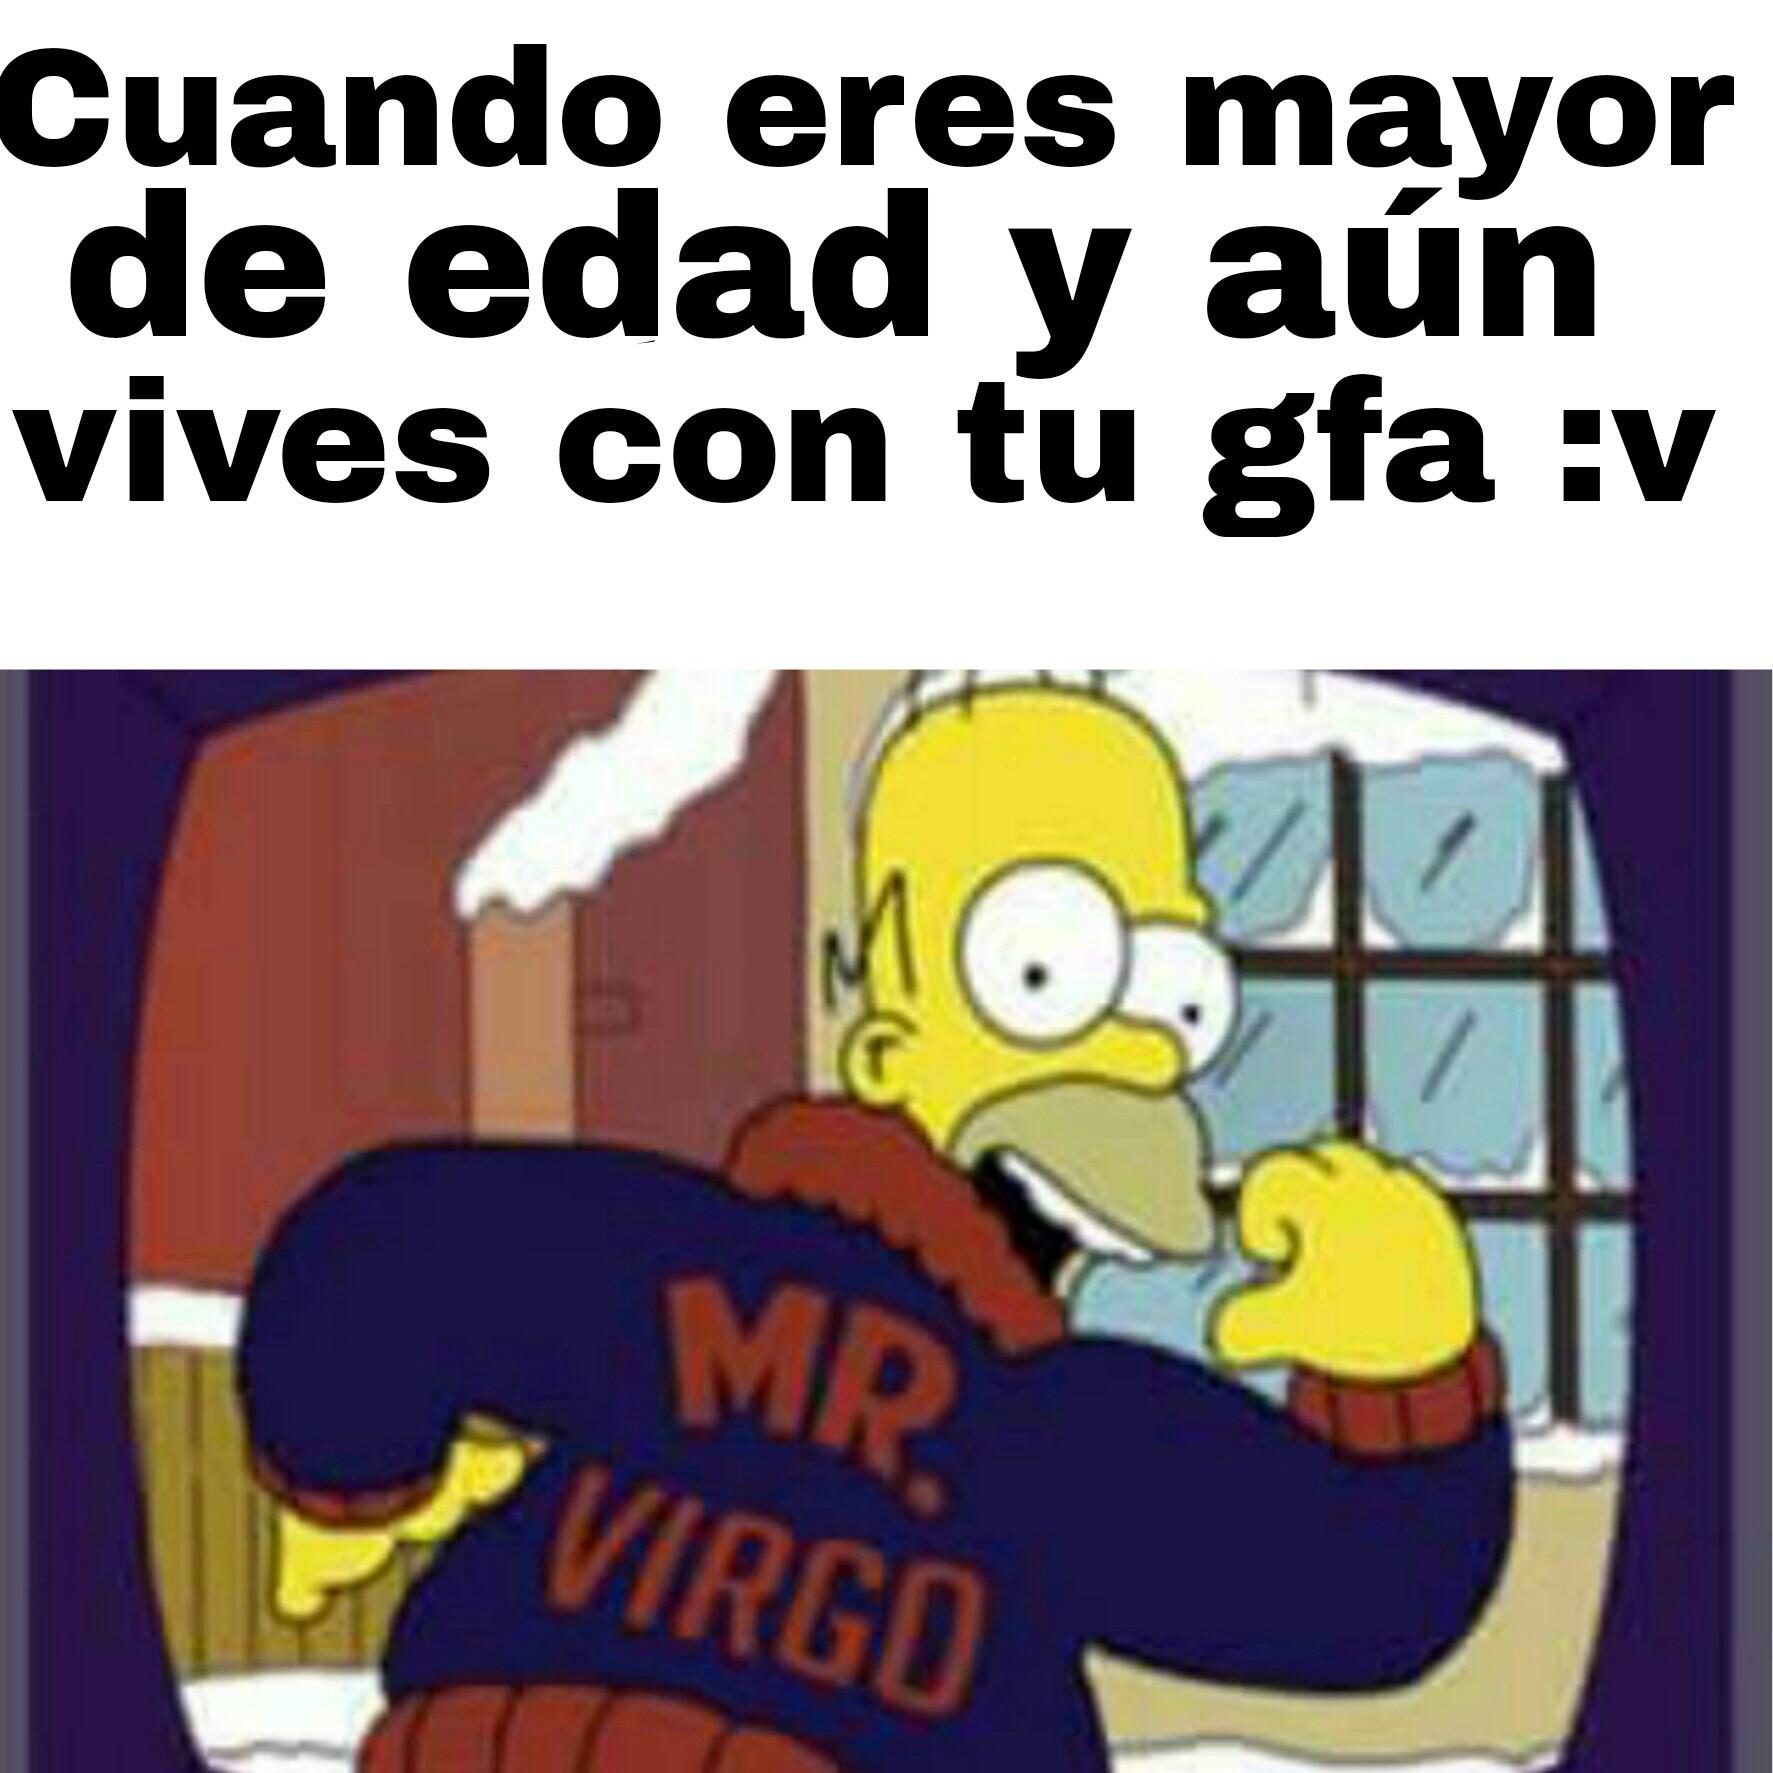 Mr.Virgo v: - meme